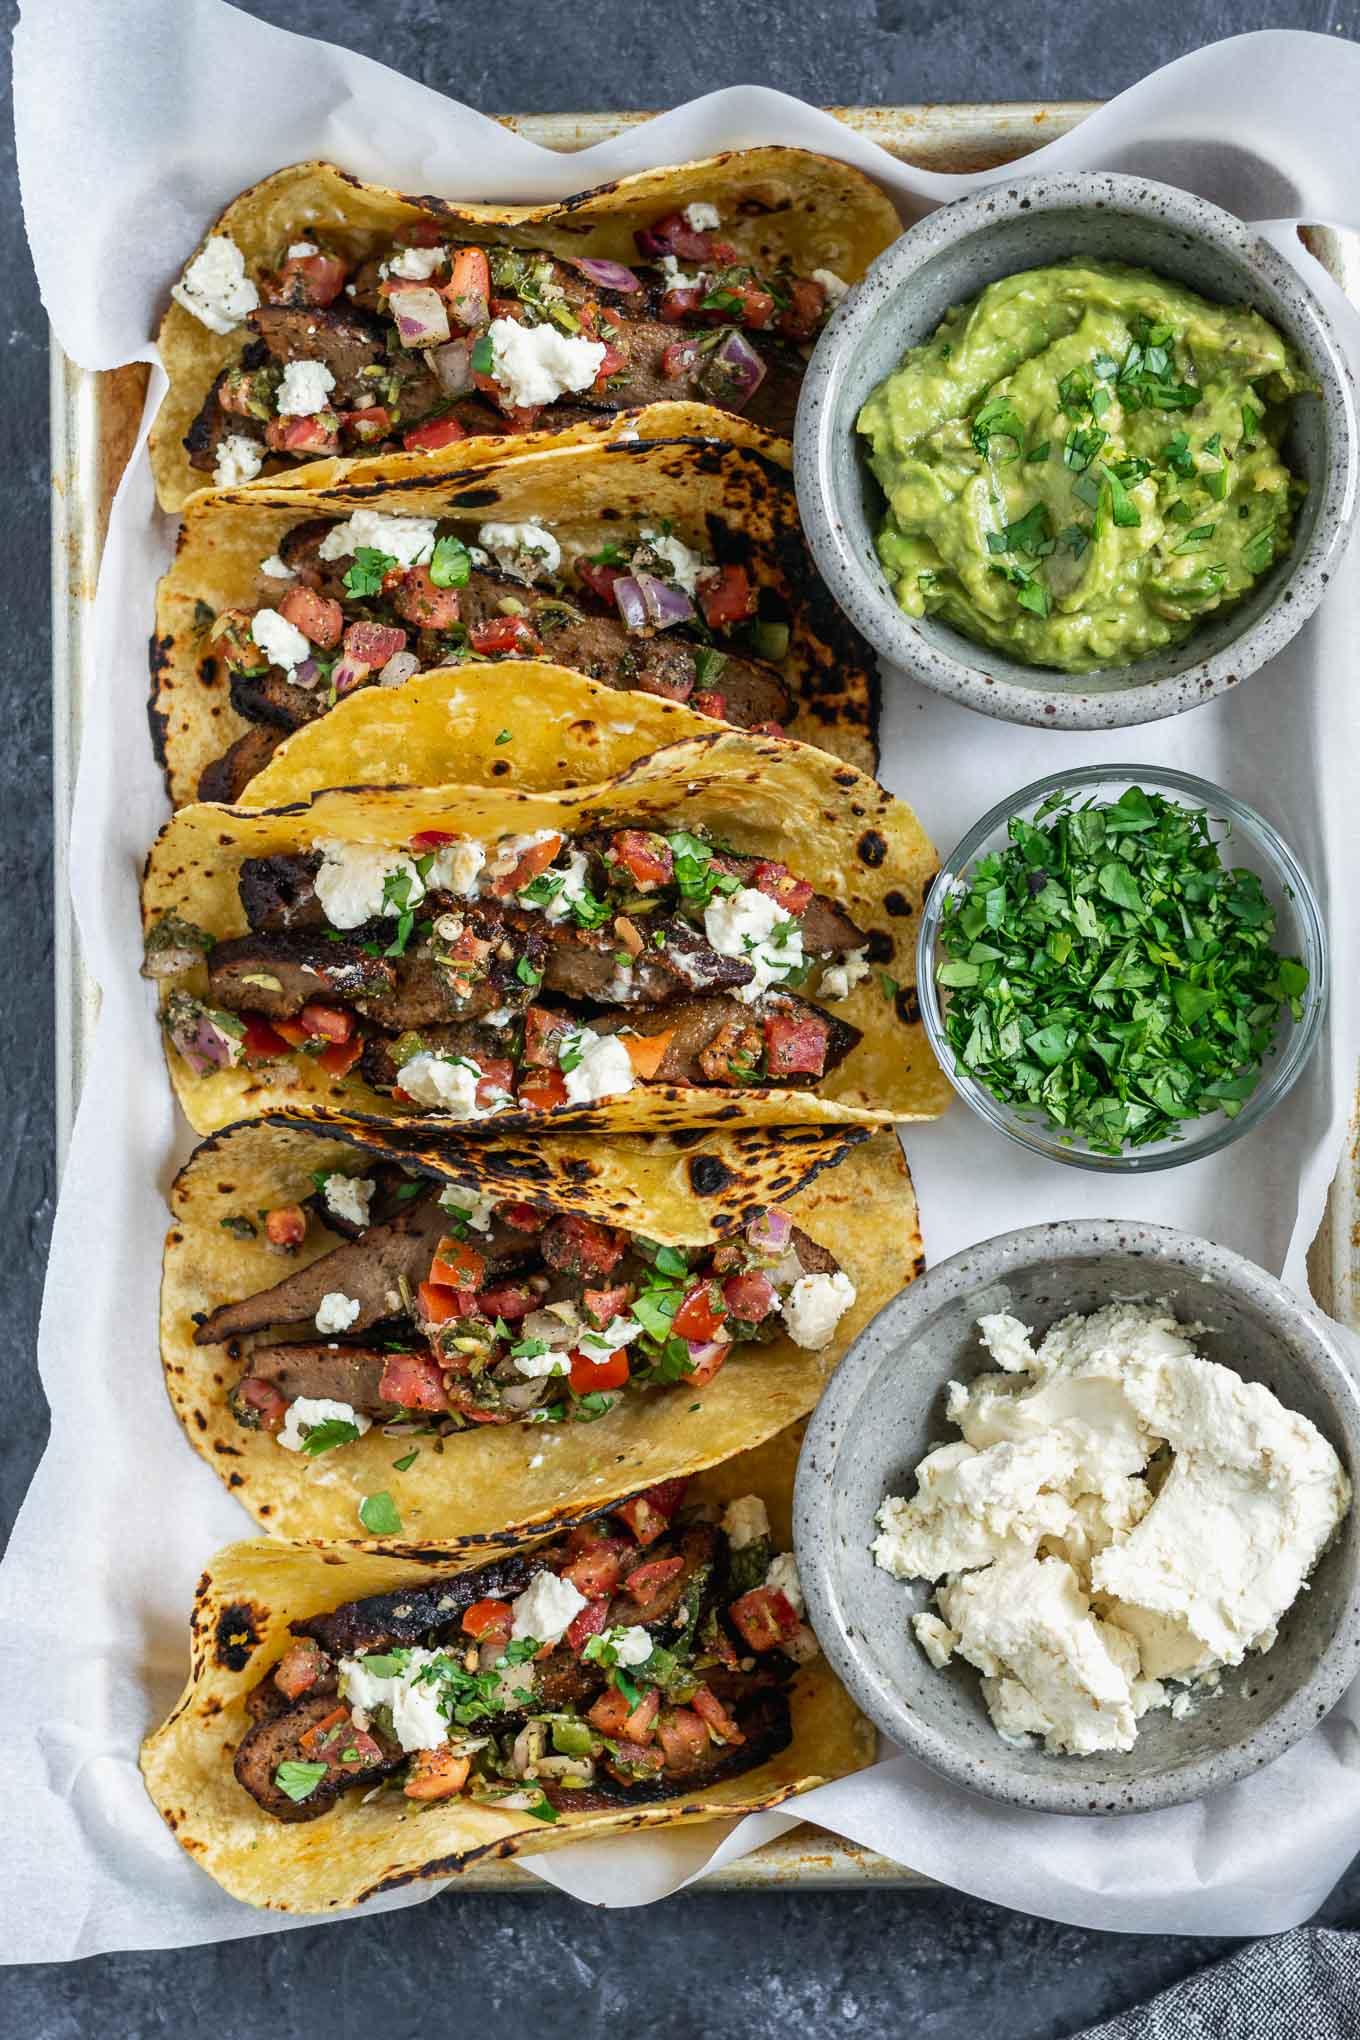 https://www.thecuriouschickpea.com/vegan-seitan-carne-asada-tacos/